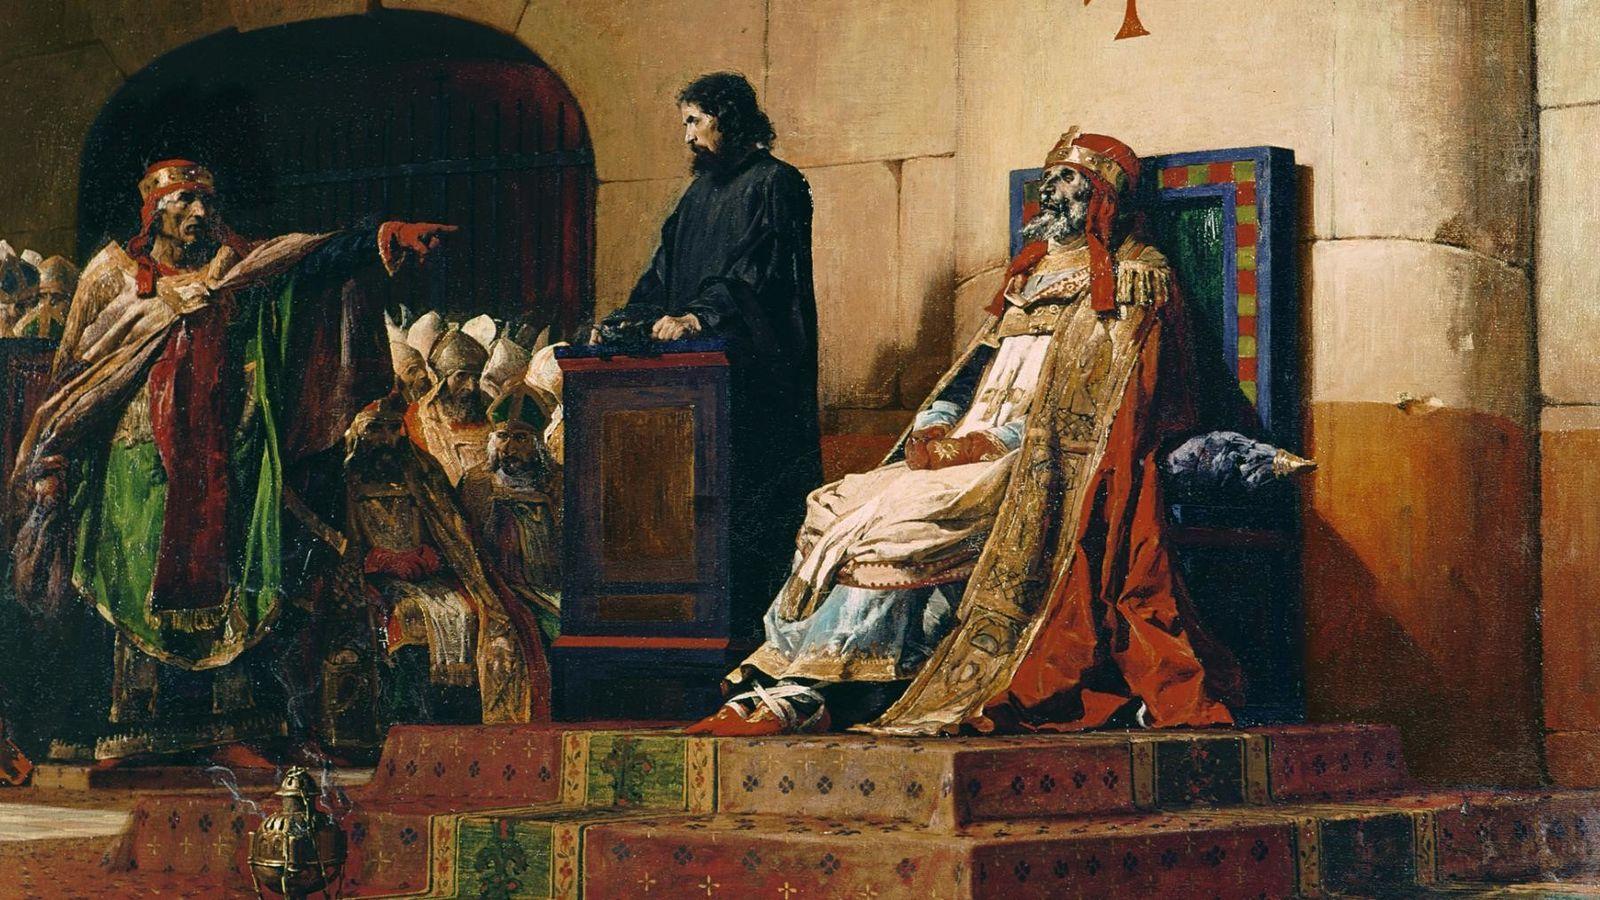 Le peintre français Jean-Paul Laurens a représenté le Concile cadavérique, le corps du pape Formose vêtu ...